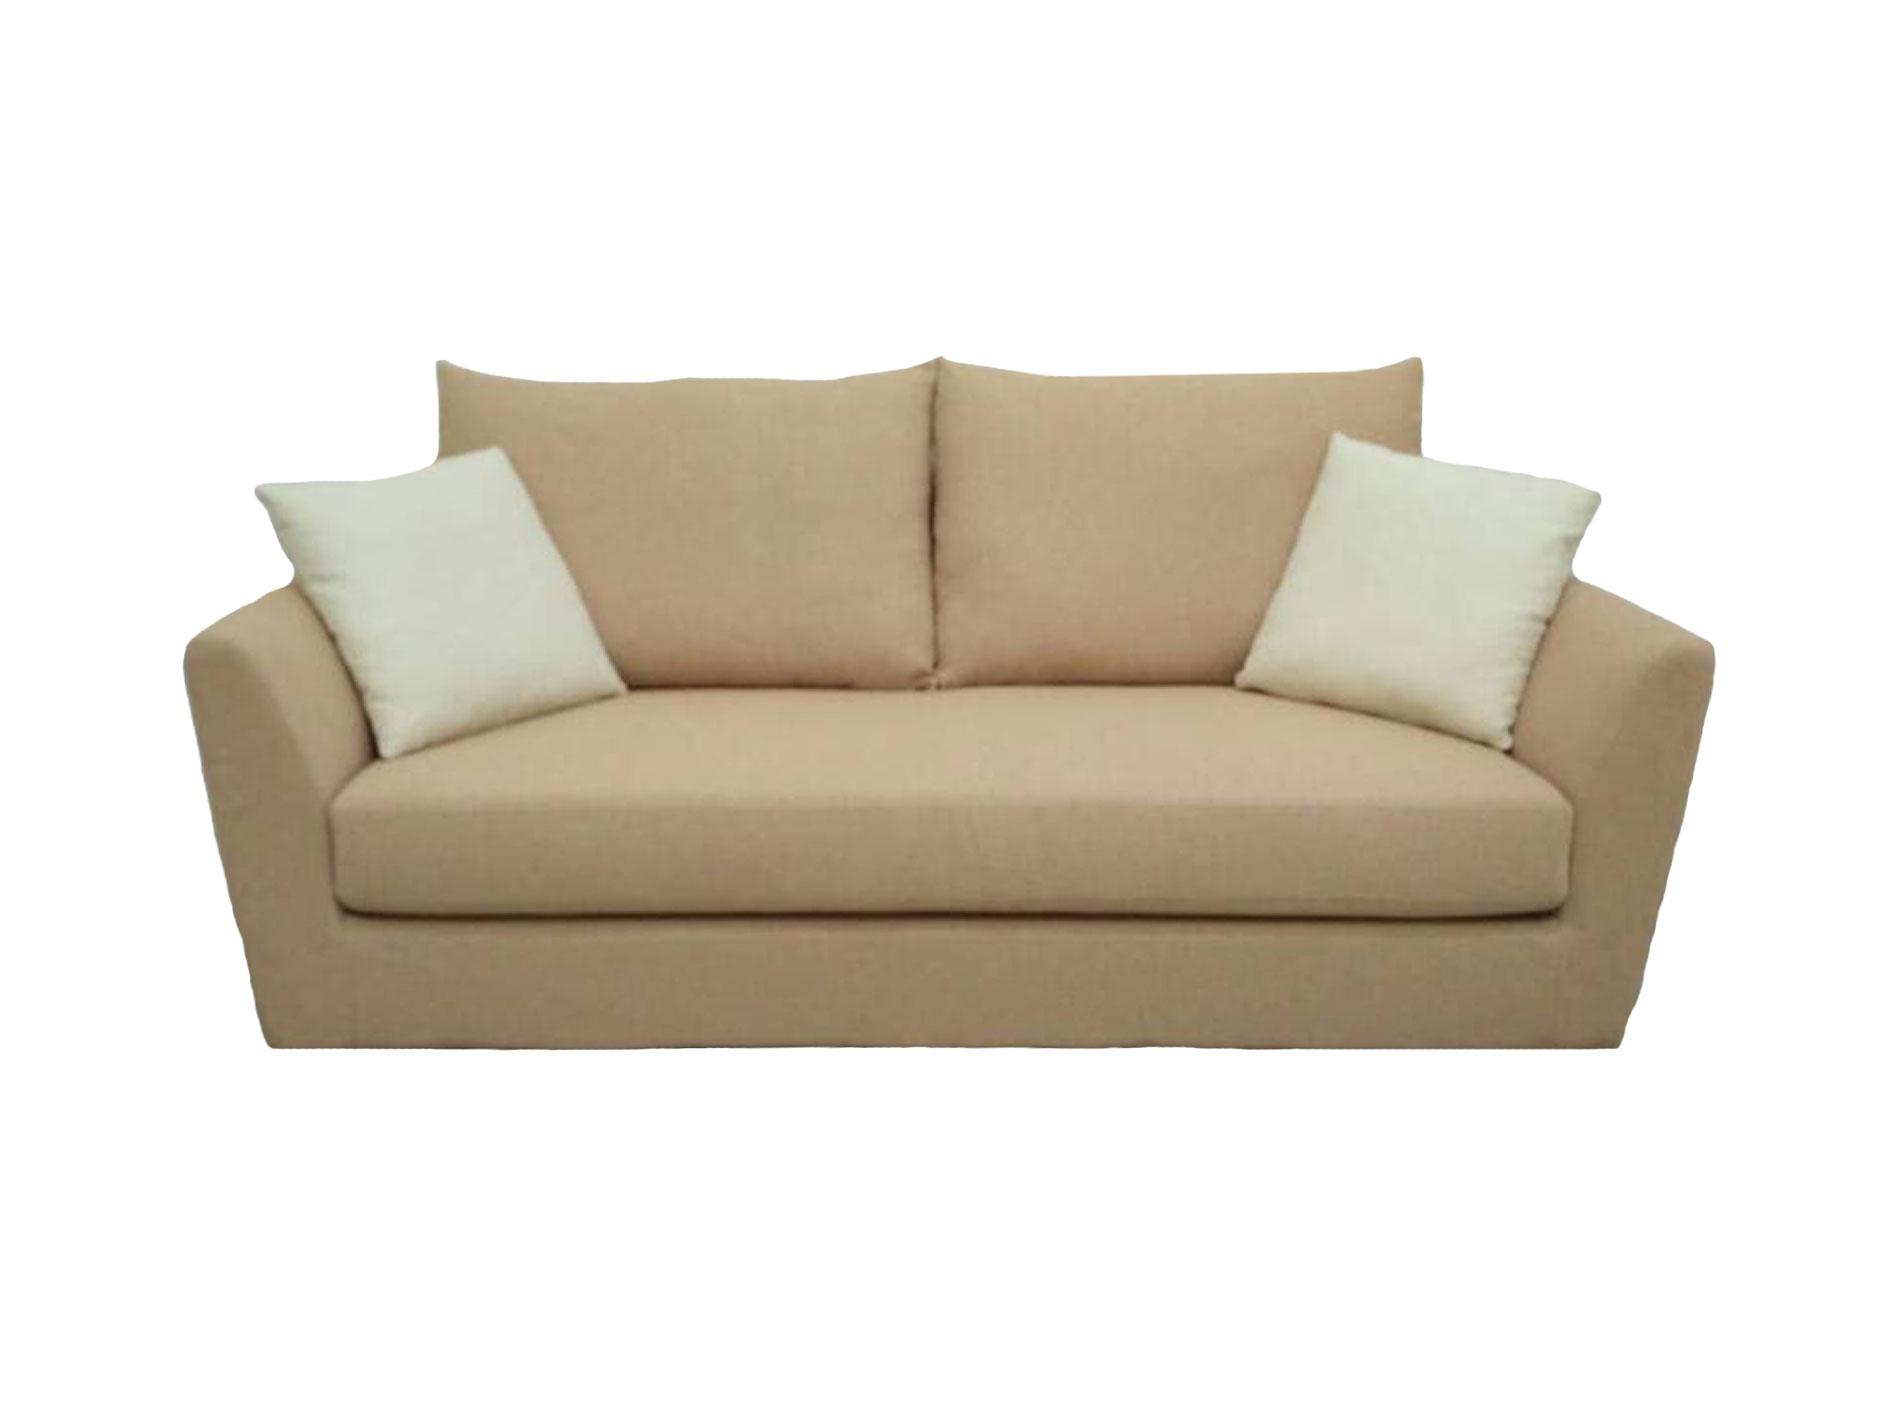 Valerio Designer Italian Fabric Sofa – 3333 2 Seater fabric sofa